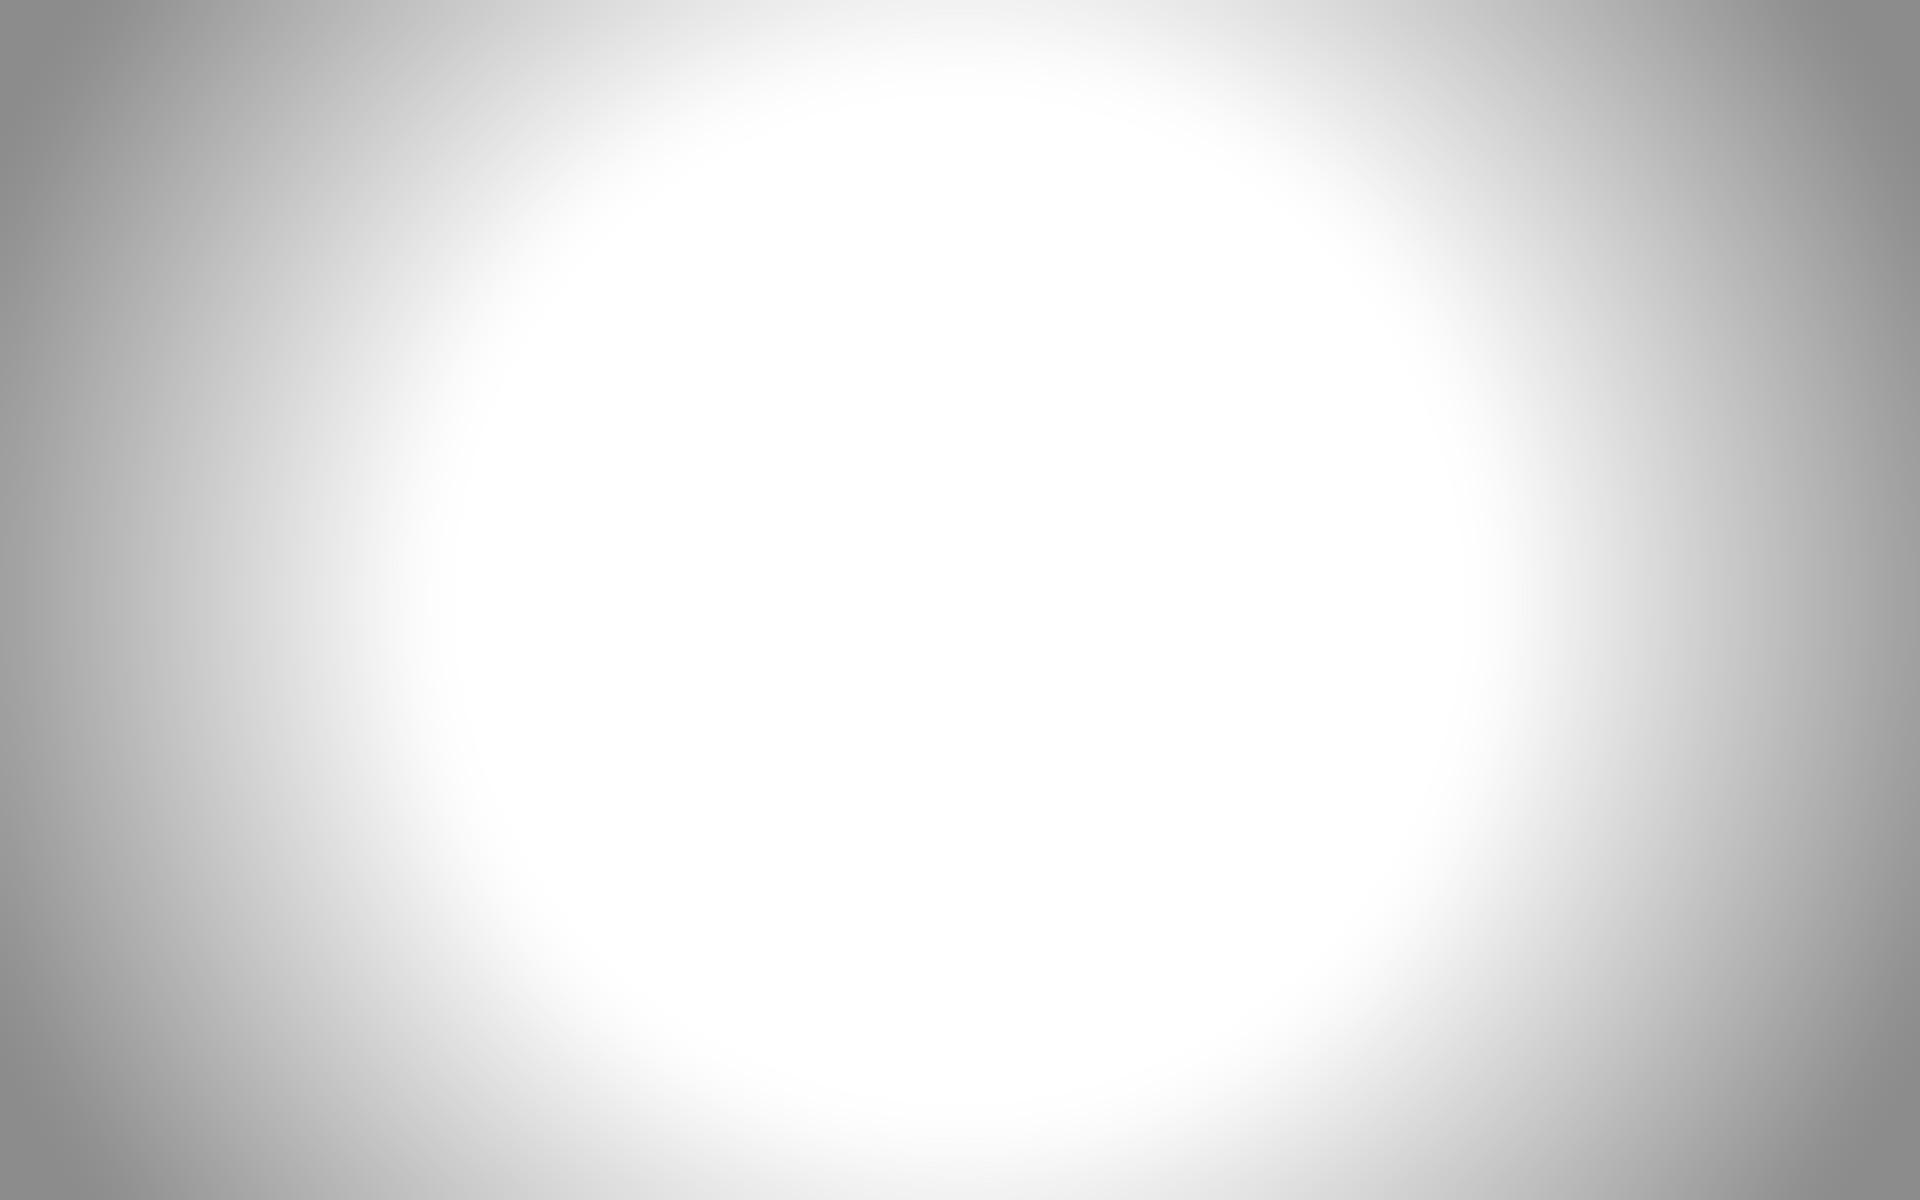 Фон для баннера белый 7